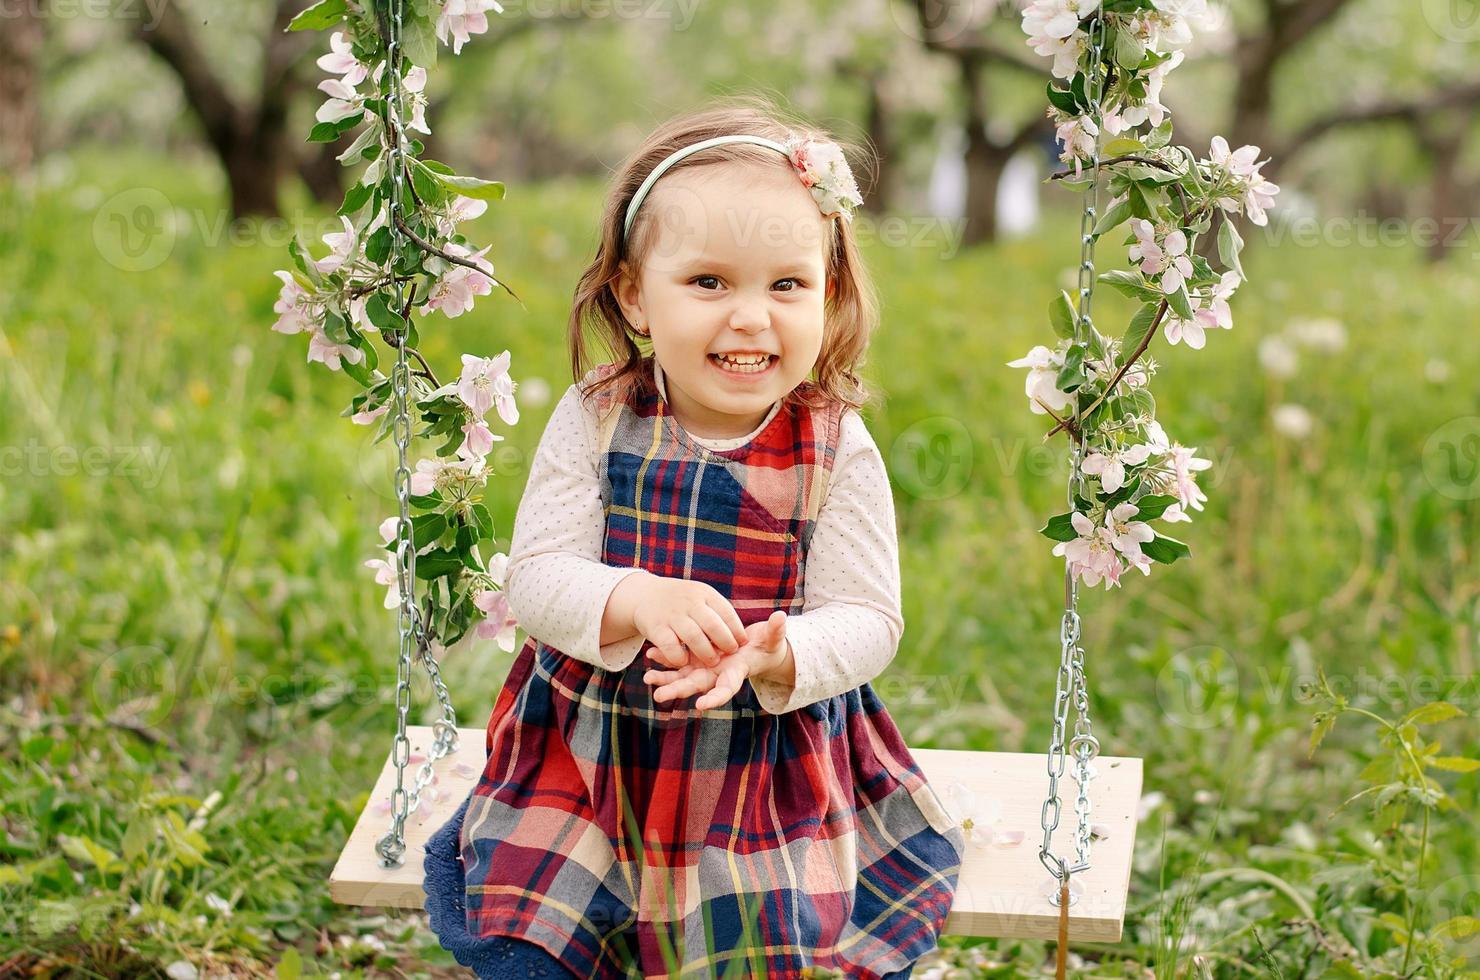 menina no balanço do jardim foto